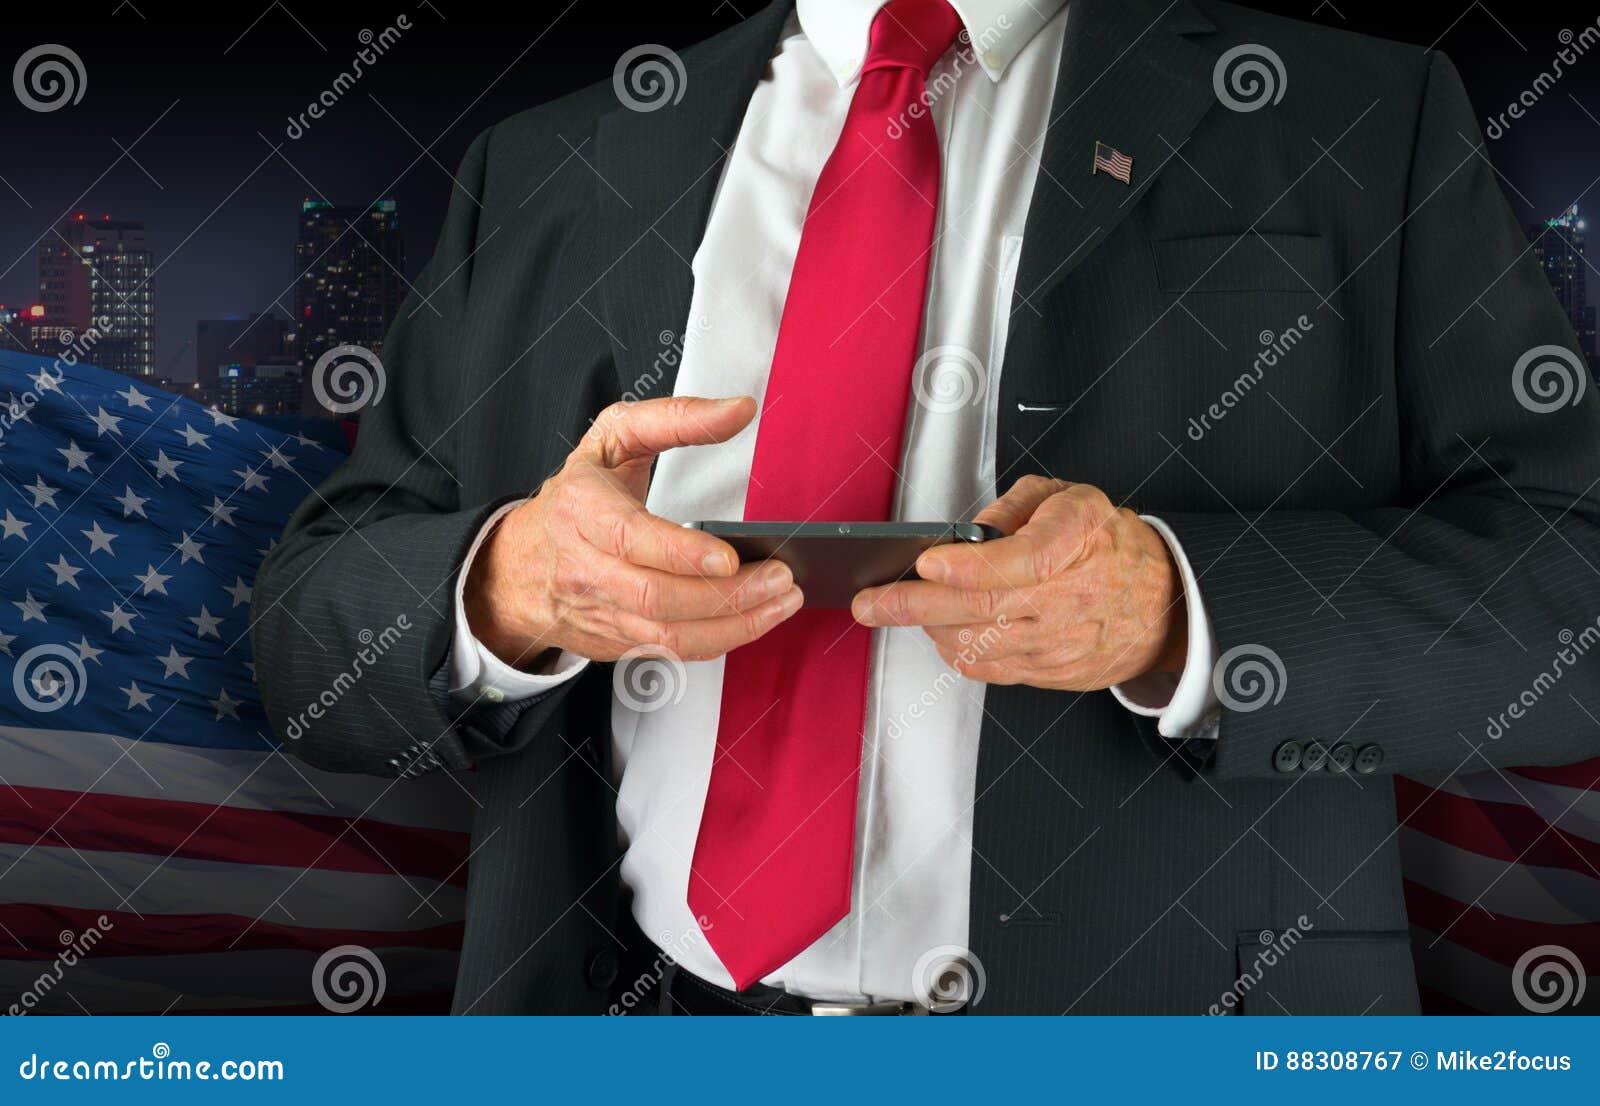 Stany Zjednoczone texting na jego telefonie komórkowym Ameryka polityk